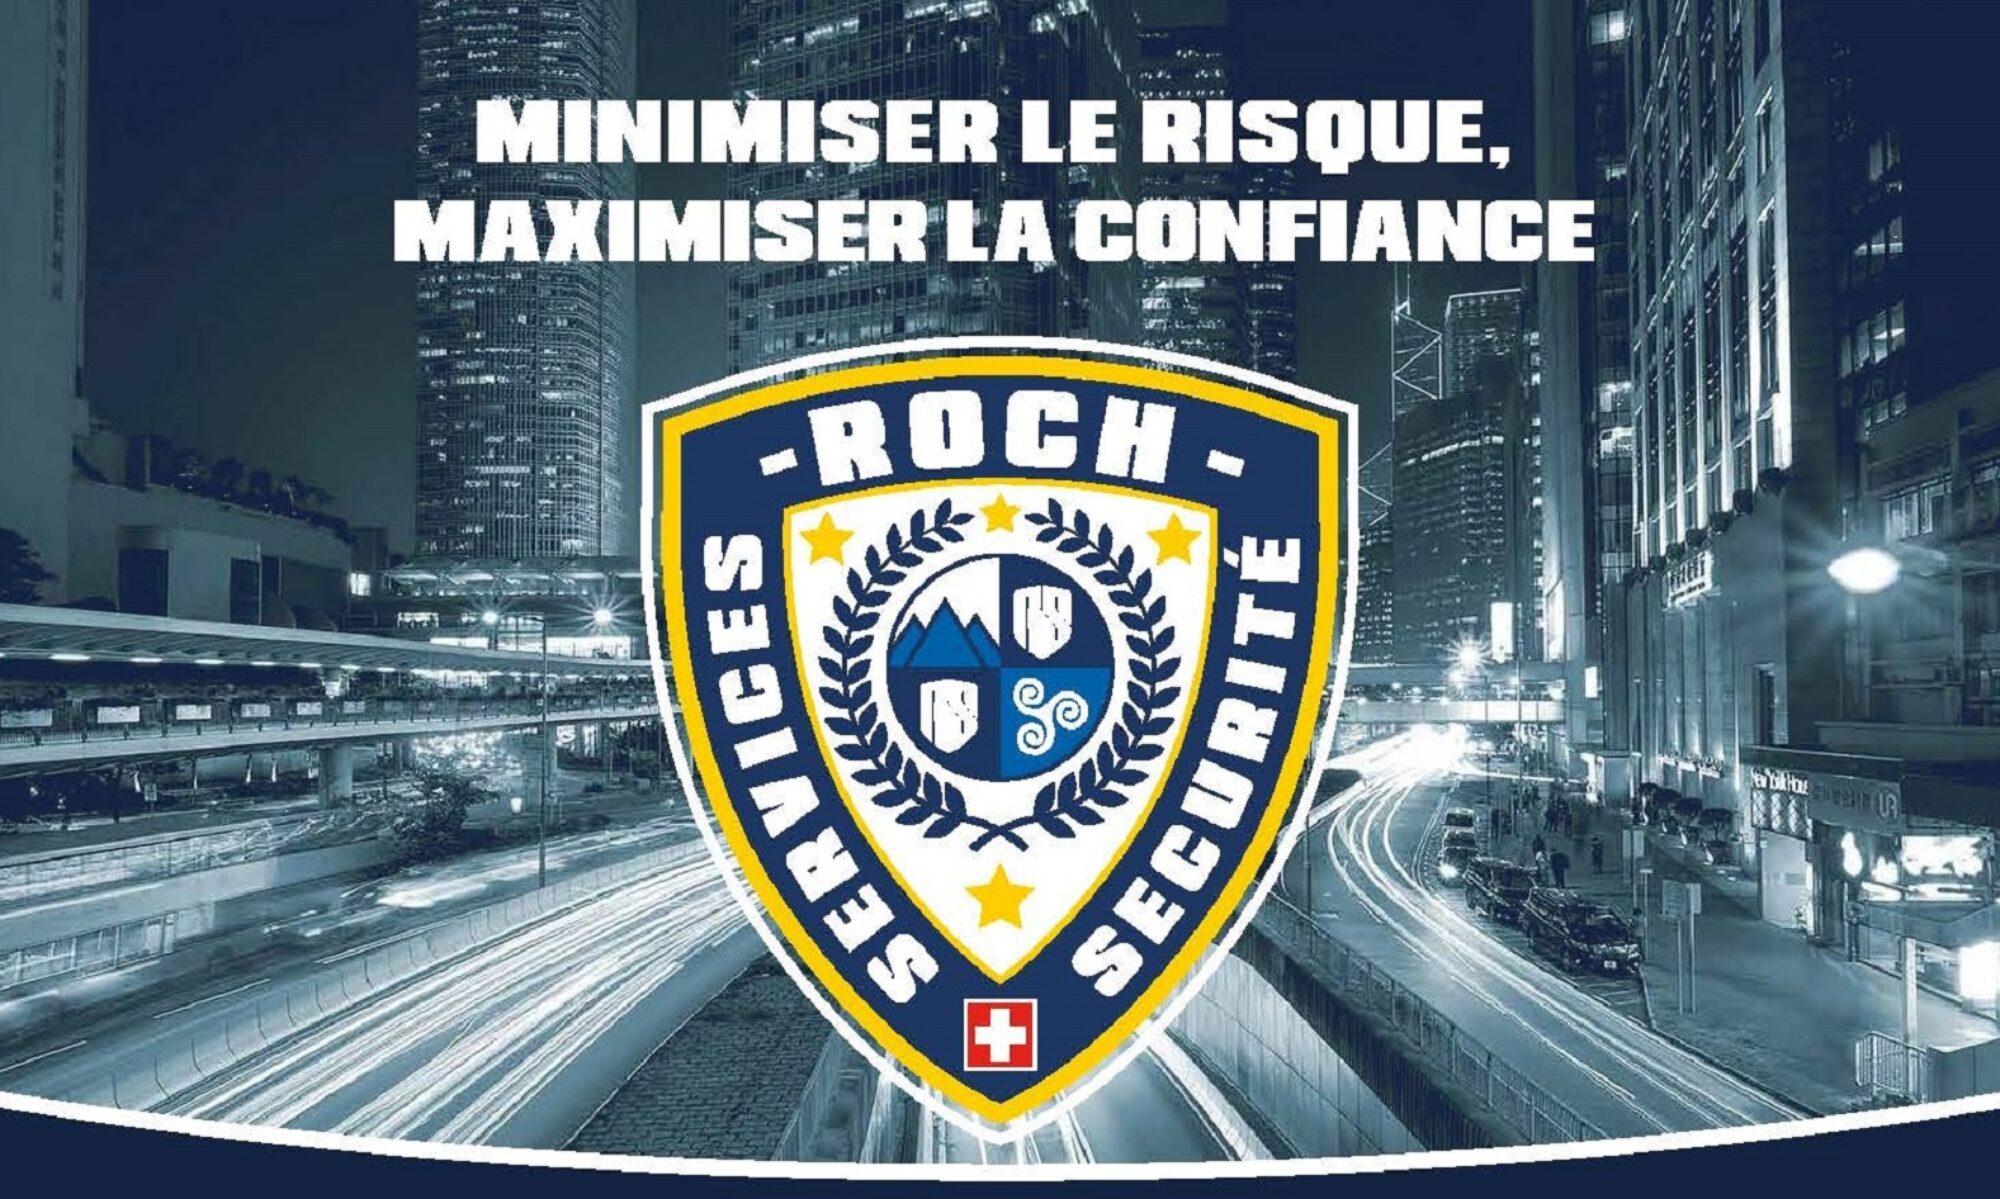 ROCH-SECURITE.ch